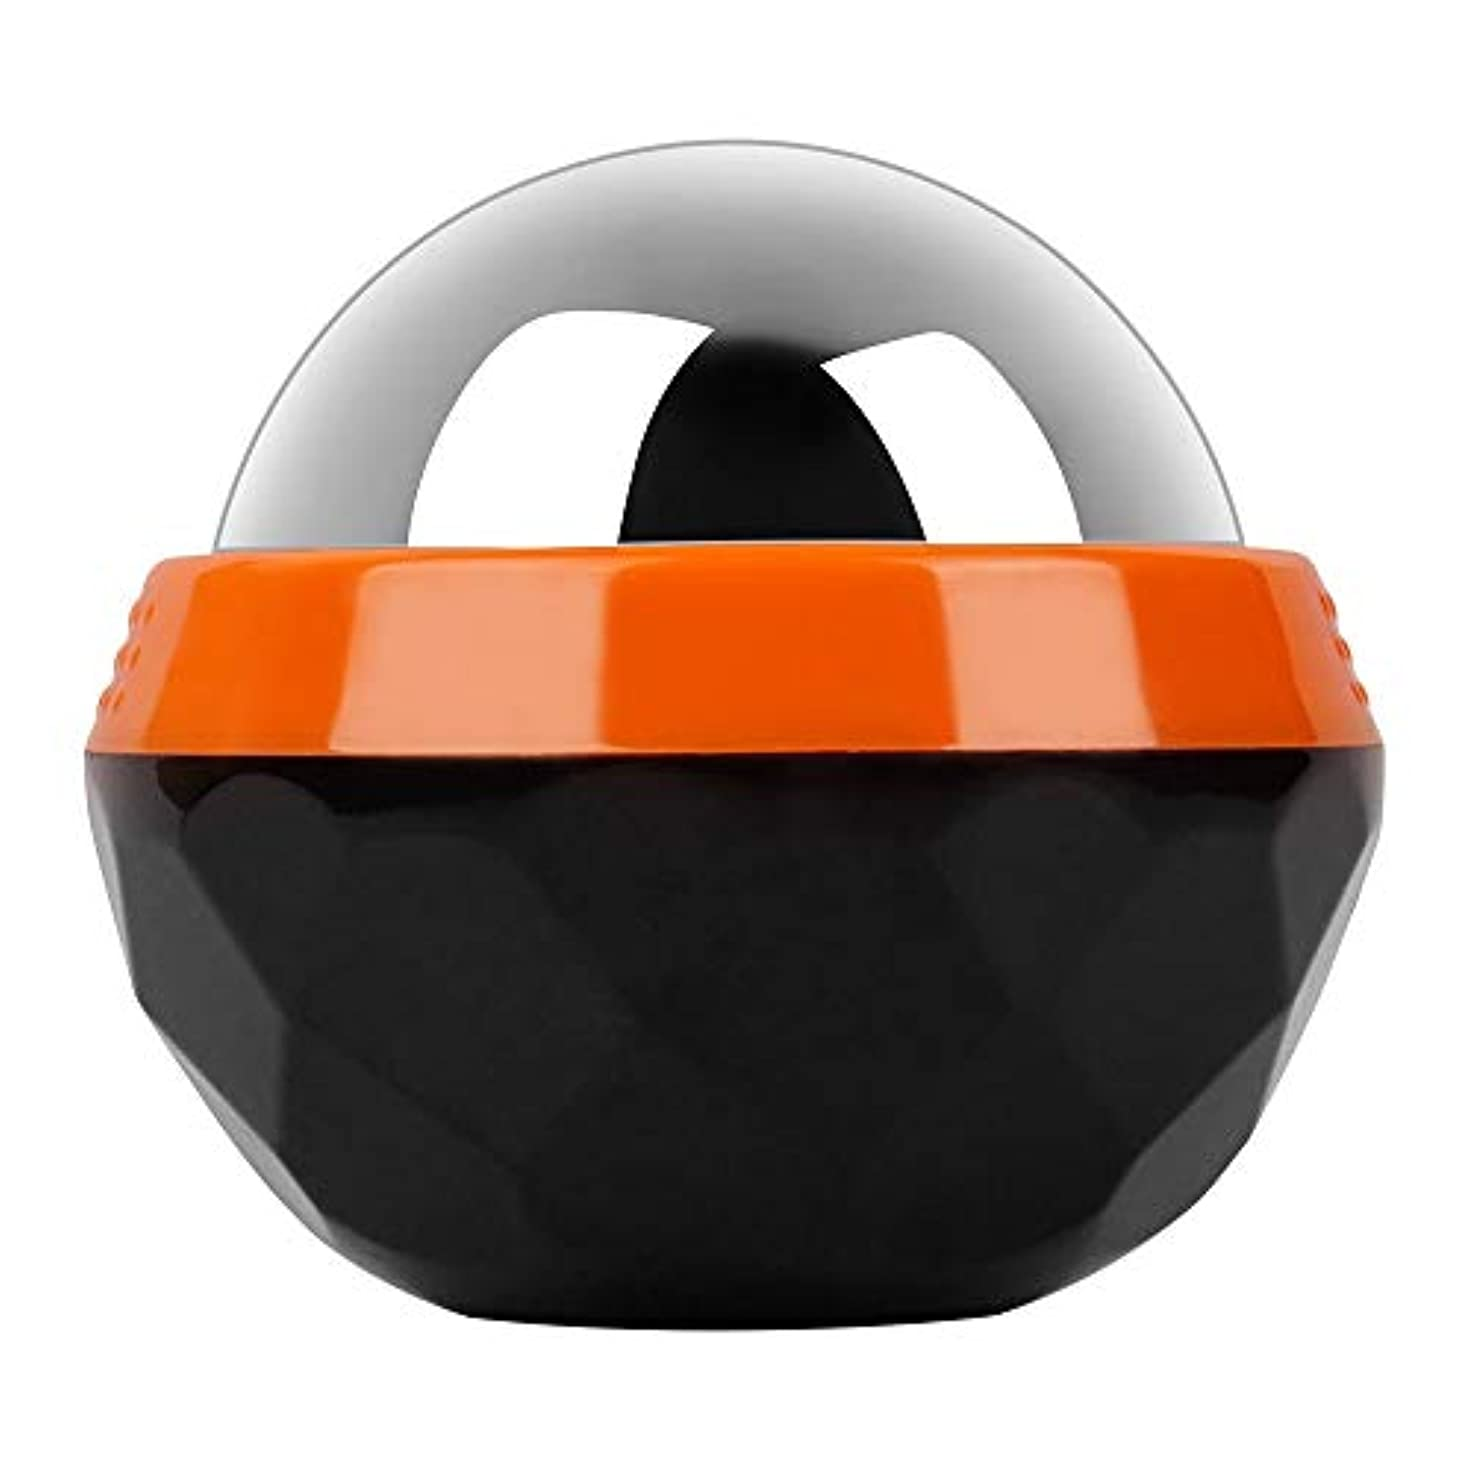 罪悪感金銭的なキロメートルGeTooコールドマッサージローラーボール-2.4インチの氷球は6時間冷たさを持続、アイスセラピーディープティッシュマッサージ、オレンジとブラック